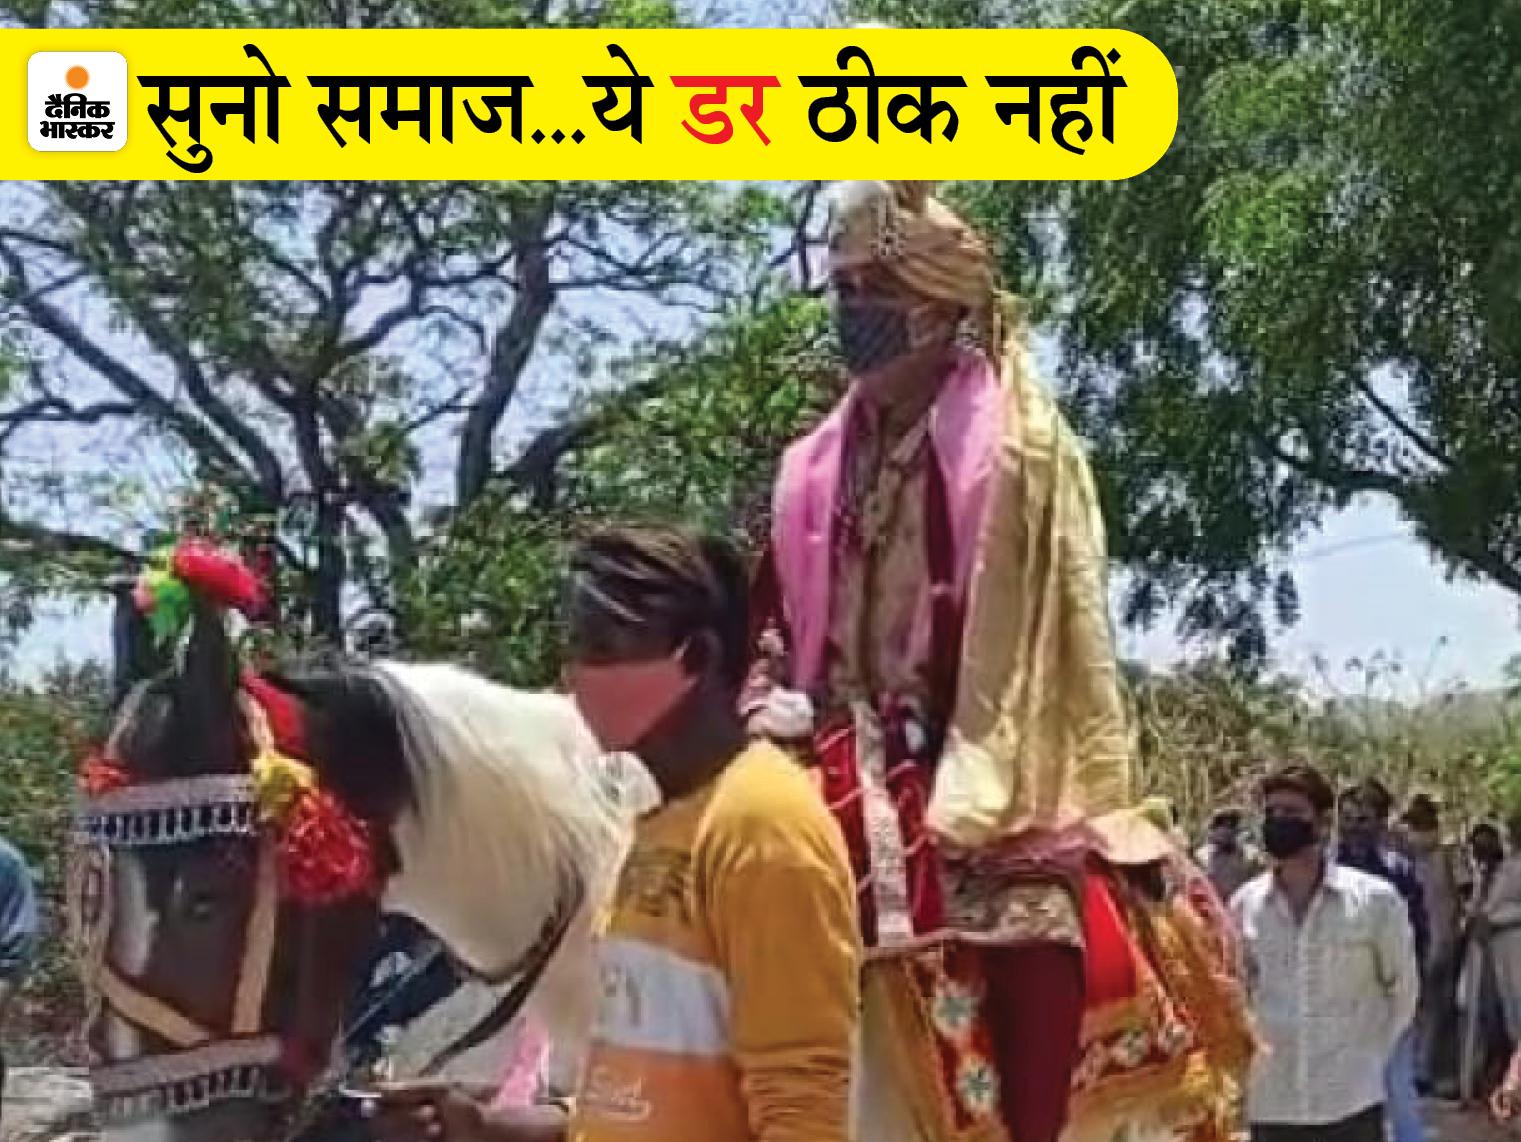 दूल्हा खुद कांस्टेबल है, फिर भी डर था कि गांव के दबंग लोग घोड़ी से उतार देंगे; इसलिए पुलिस से मांगी सुरक्षा|उदयपुर,Udaipur - Dainik Bhaskar